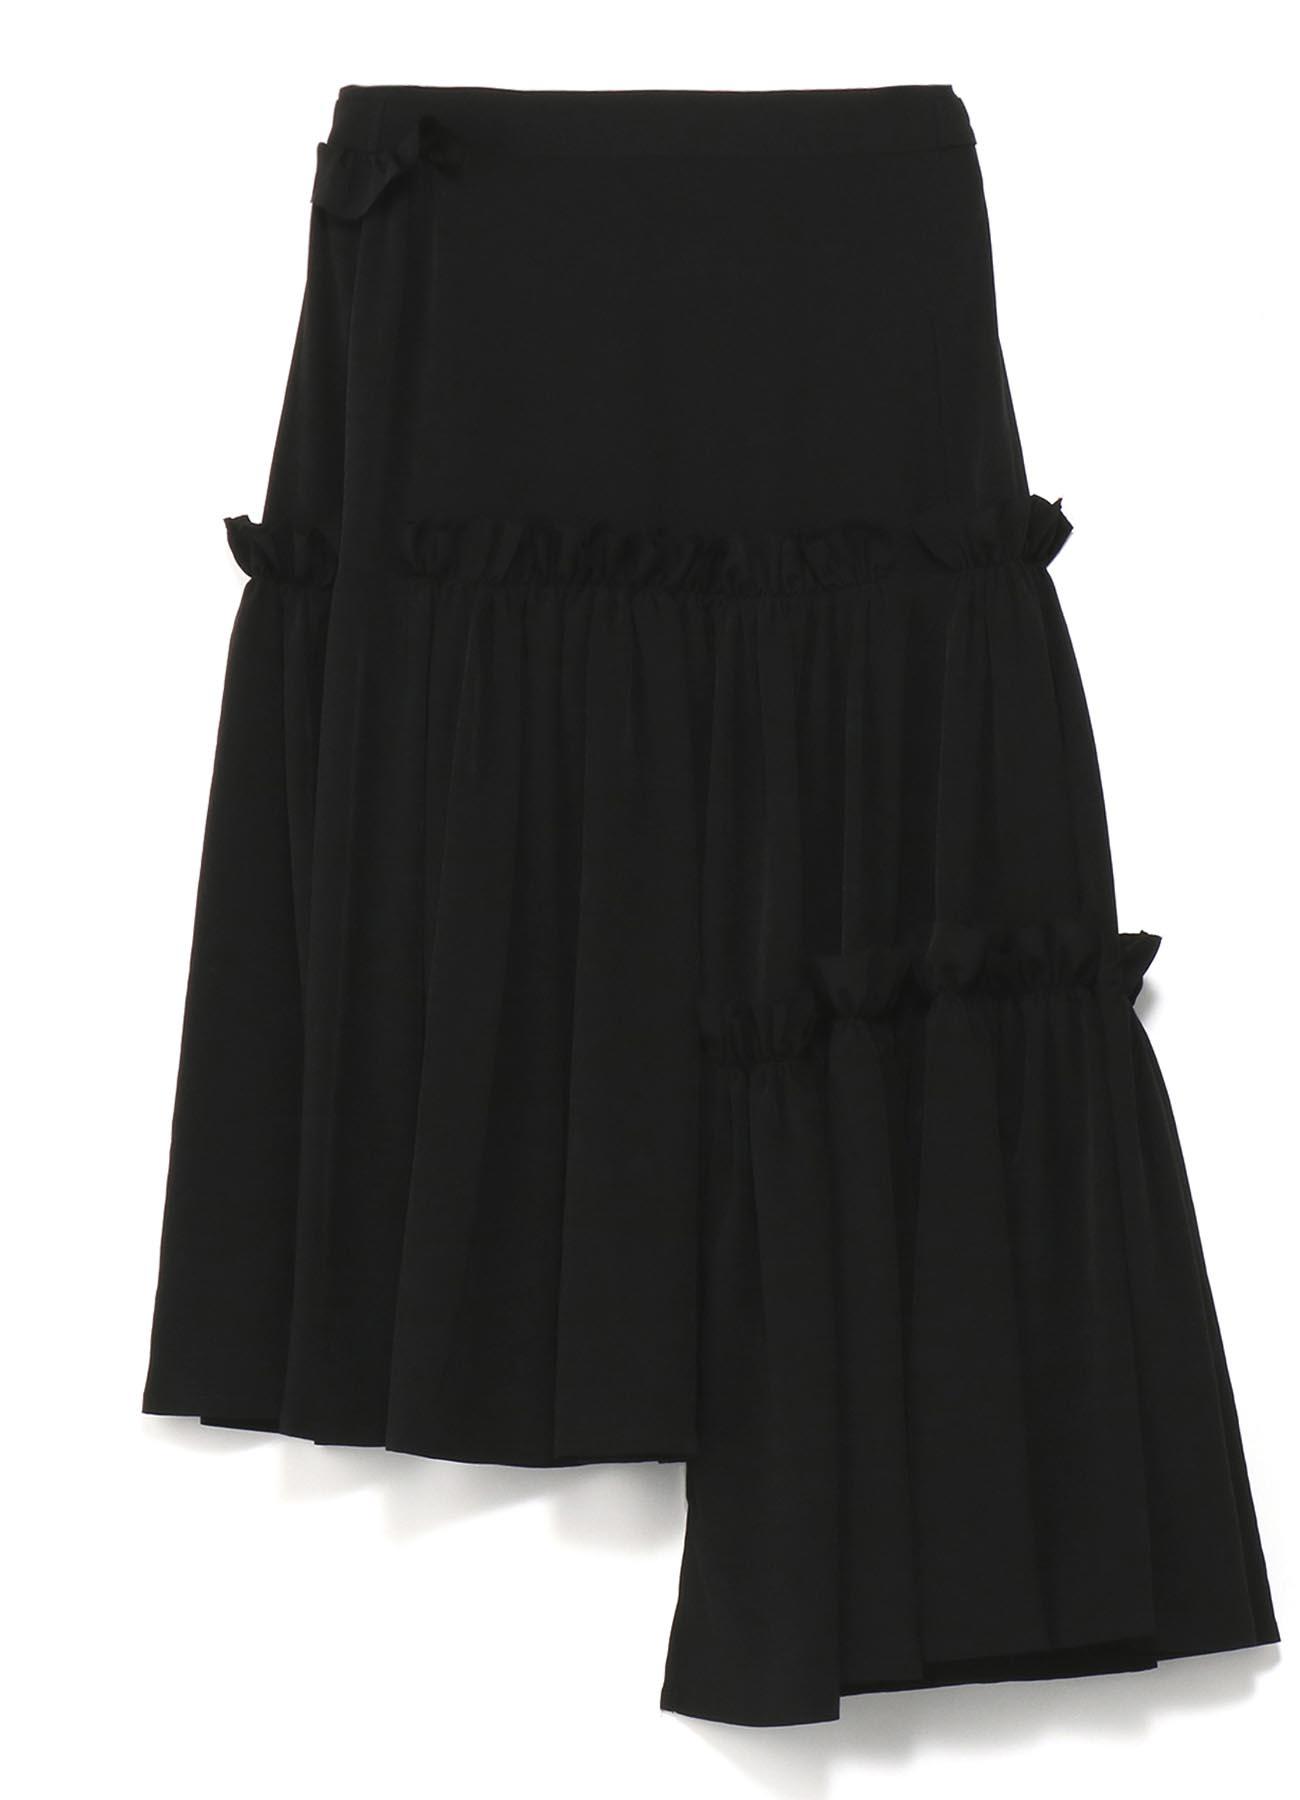 トリアセテート3段ギャザースカート